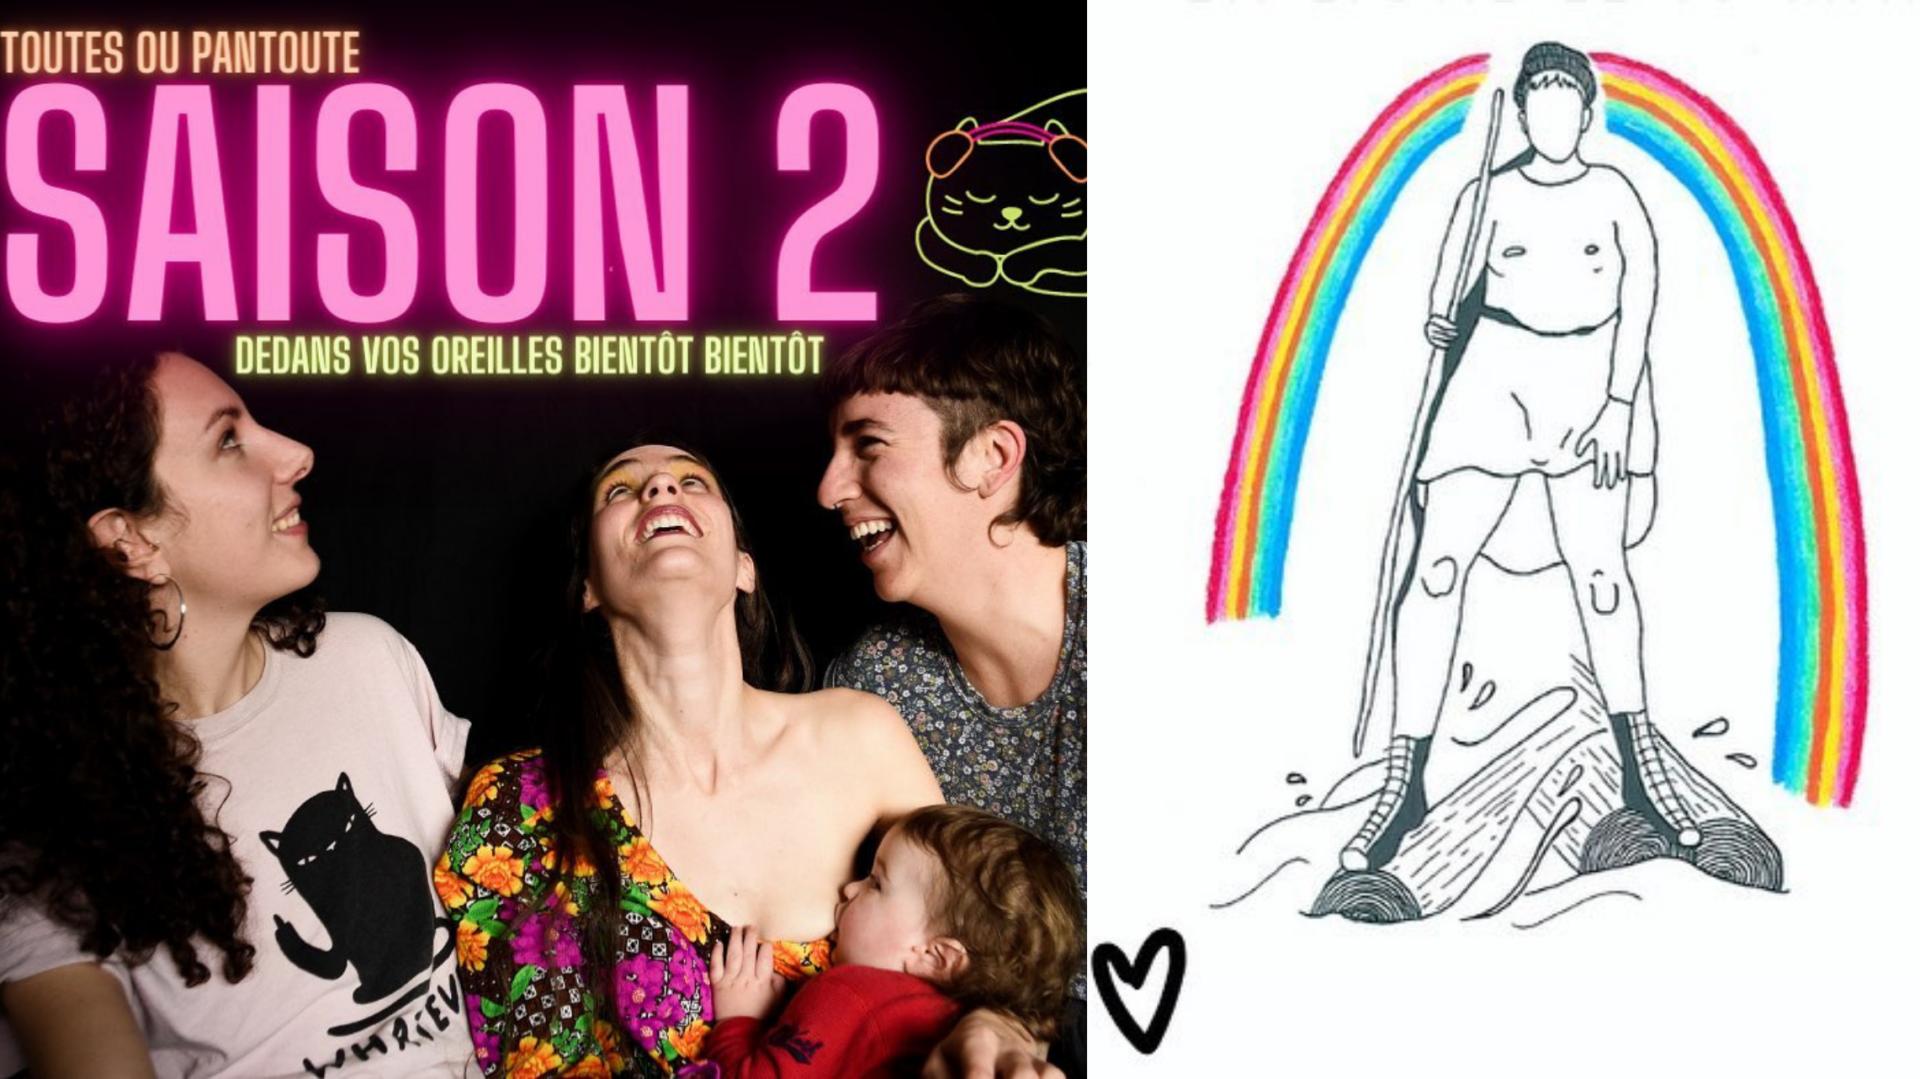 Ce merveilleux podcast queer-féministe et indépendant vient de lancer sa deuxième saison!